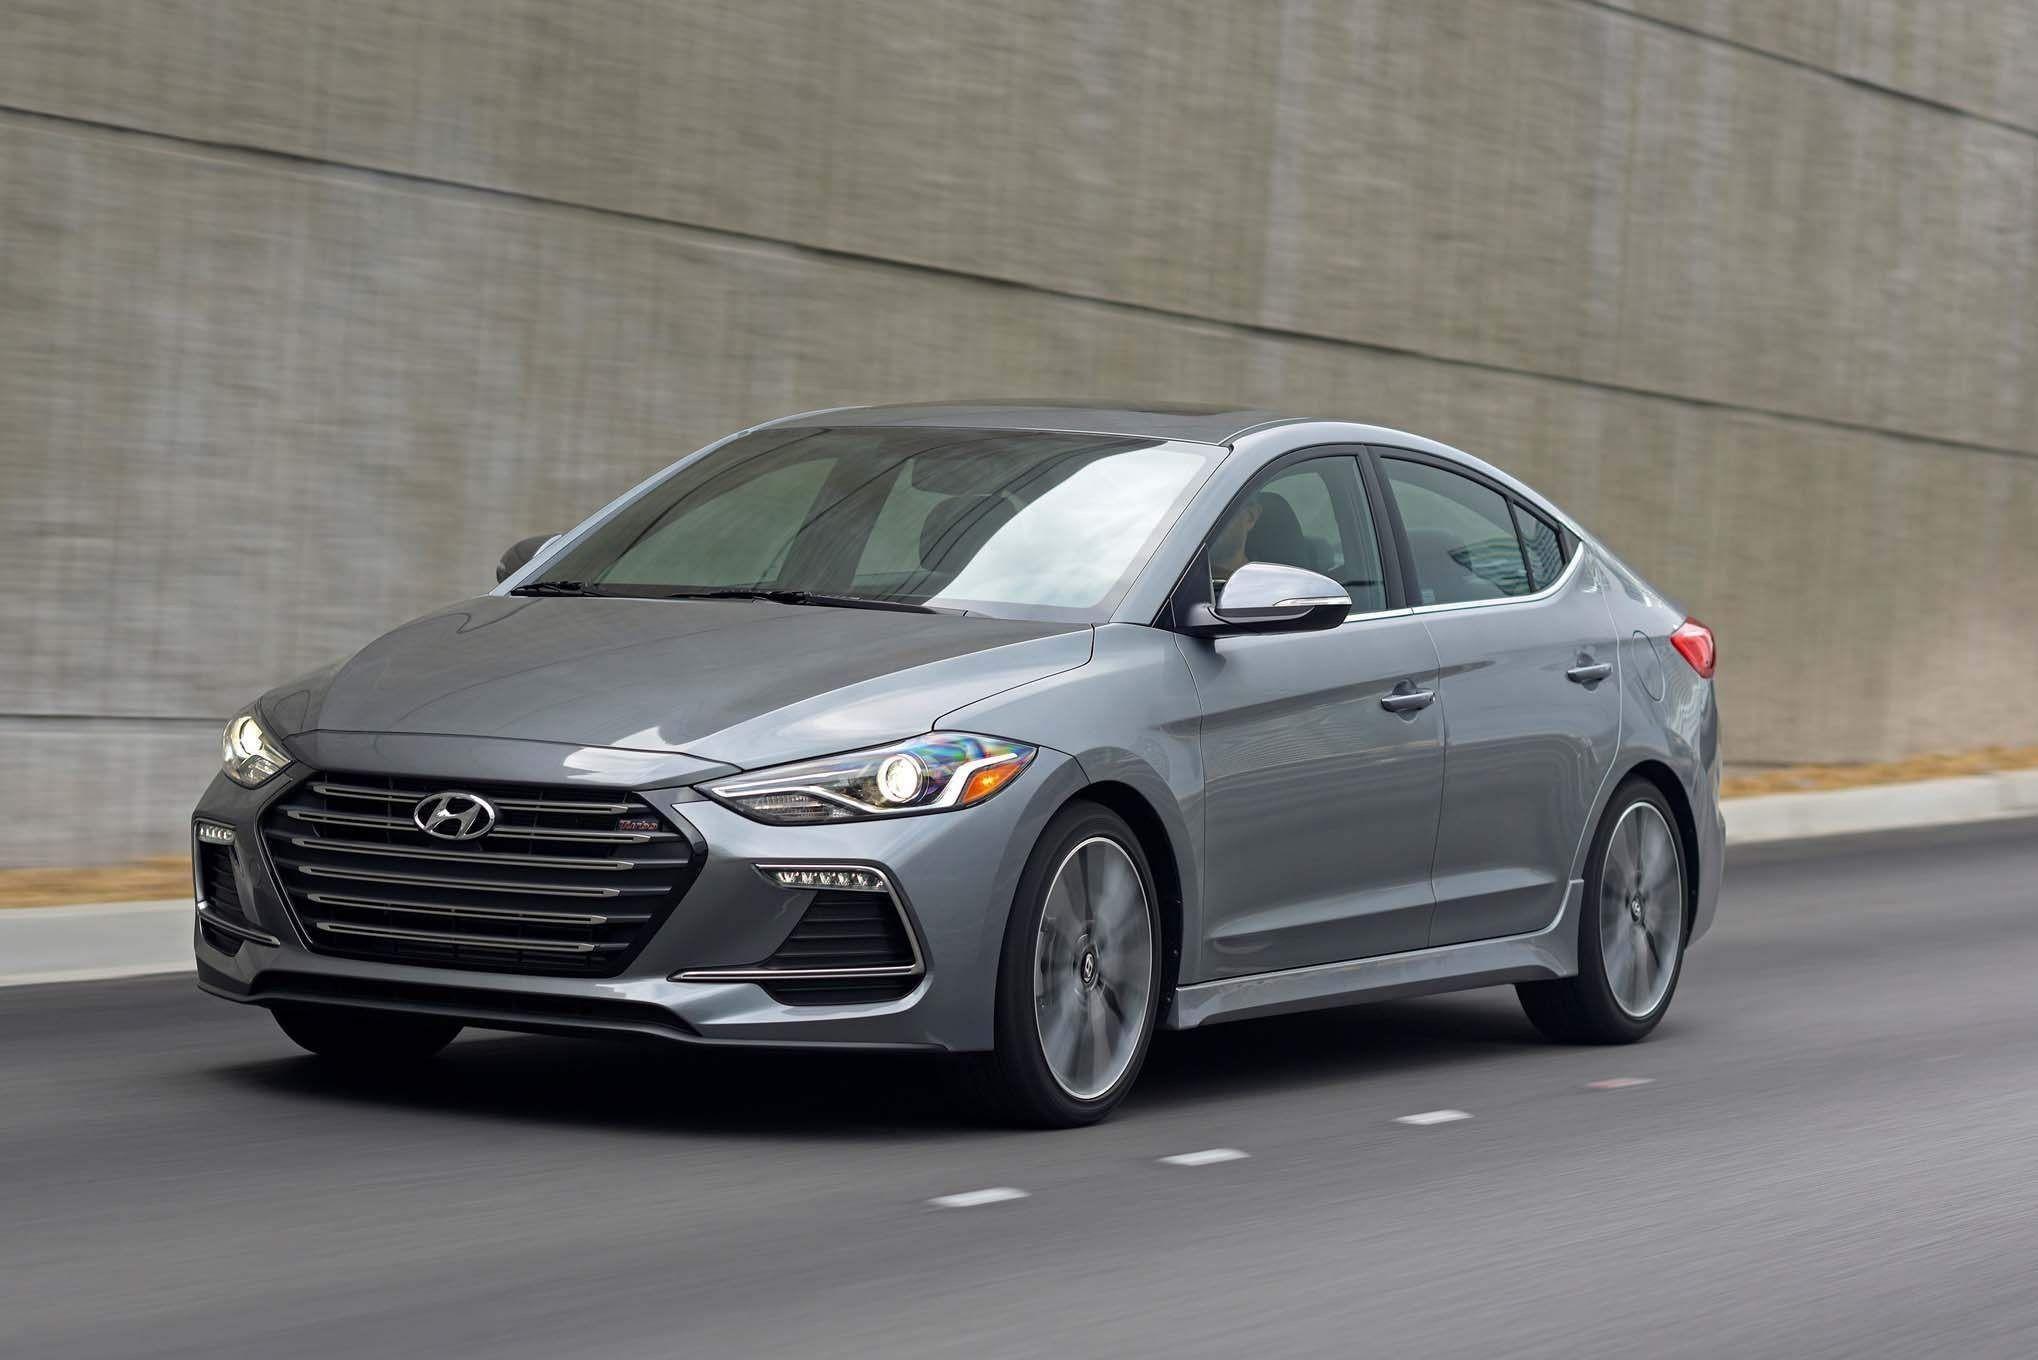 Toyota Celica 2020 Price And Review Hyundai Elantra Elantra Hyundai